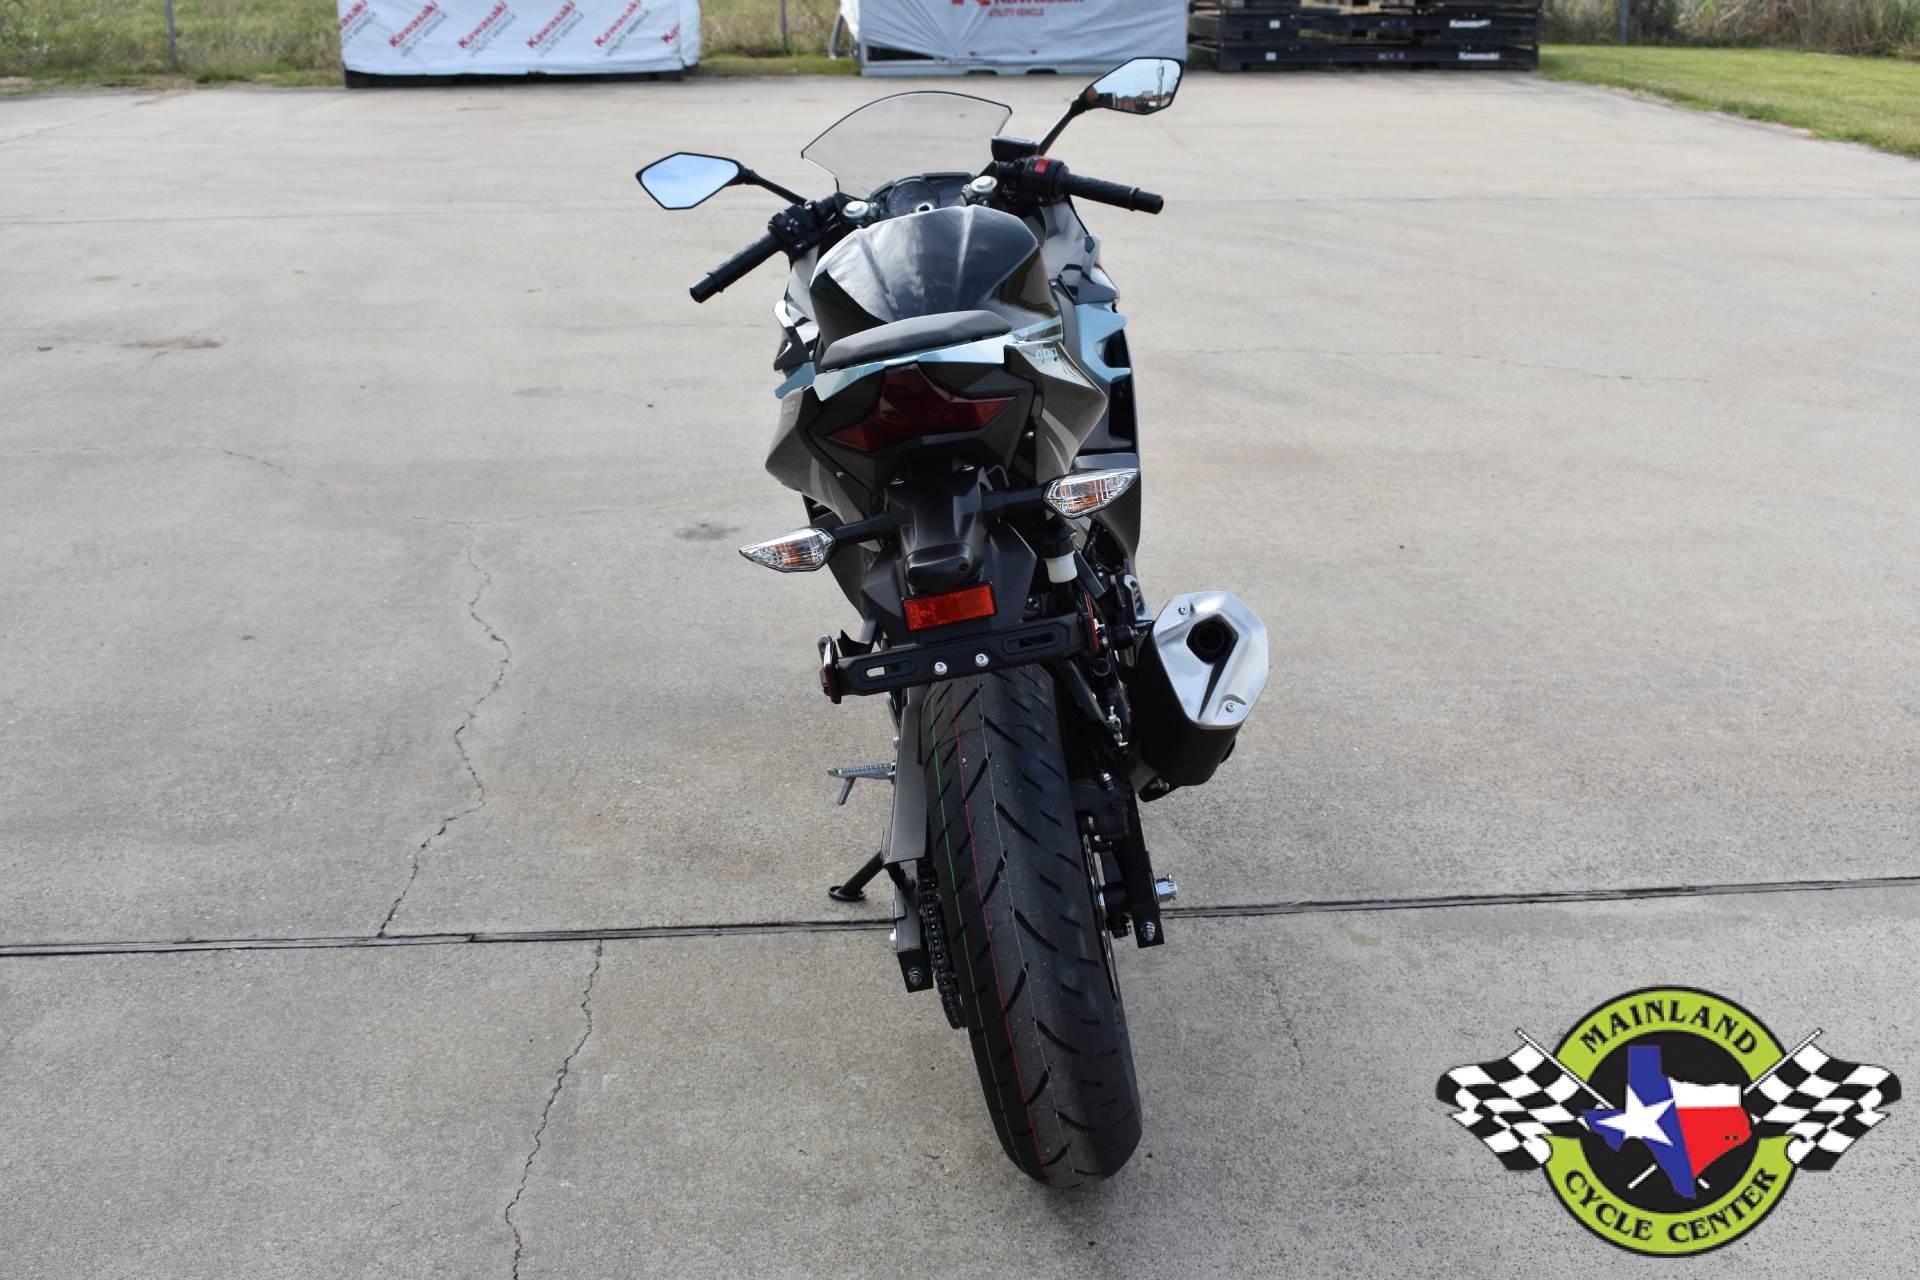 2020 Kawasaki Ninja 400 ABS 8